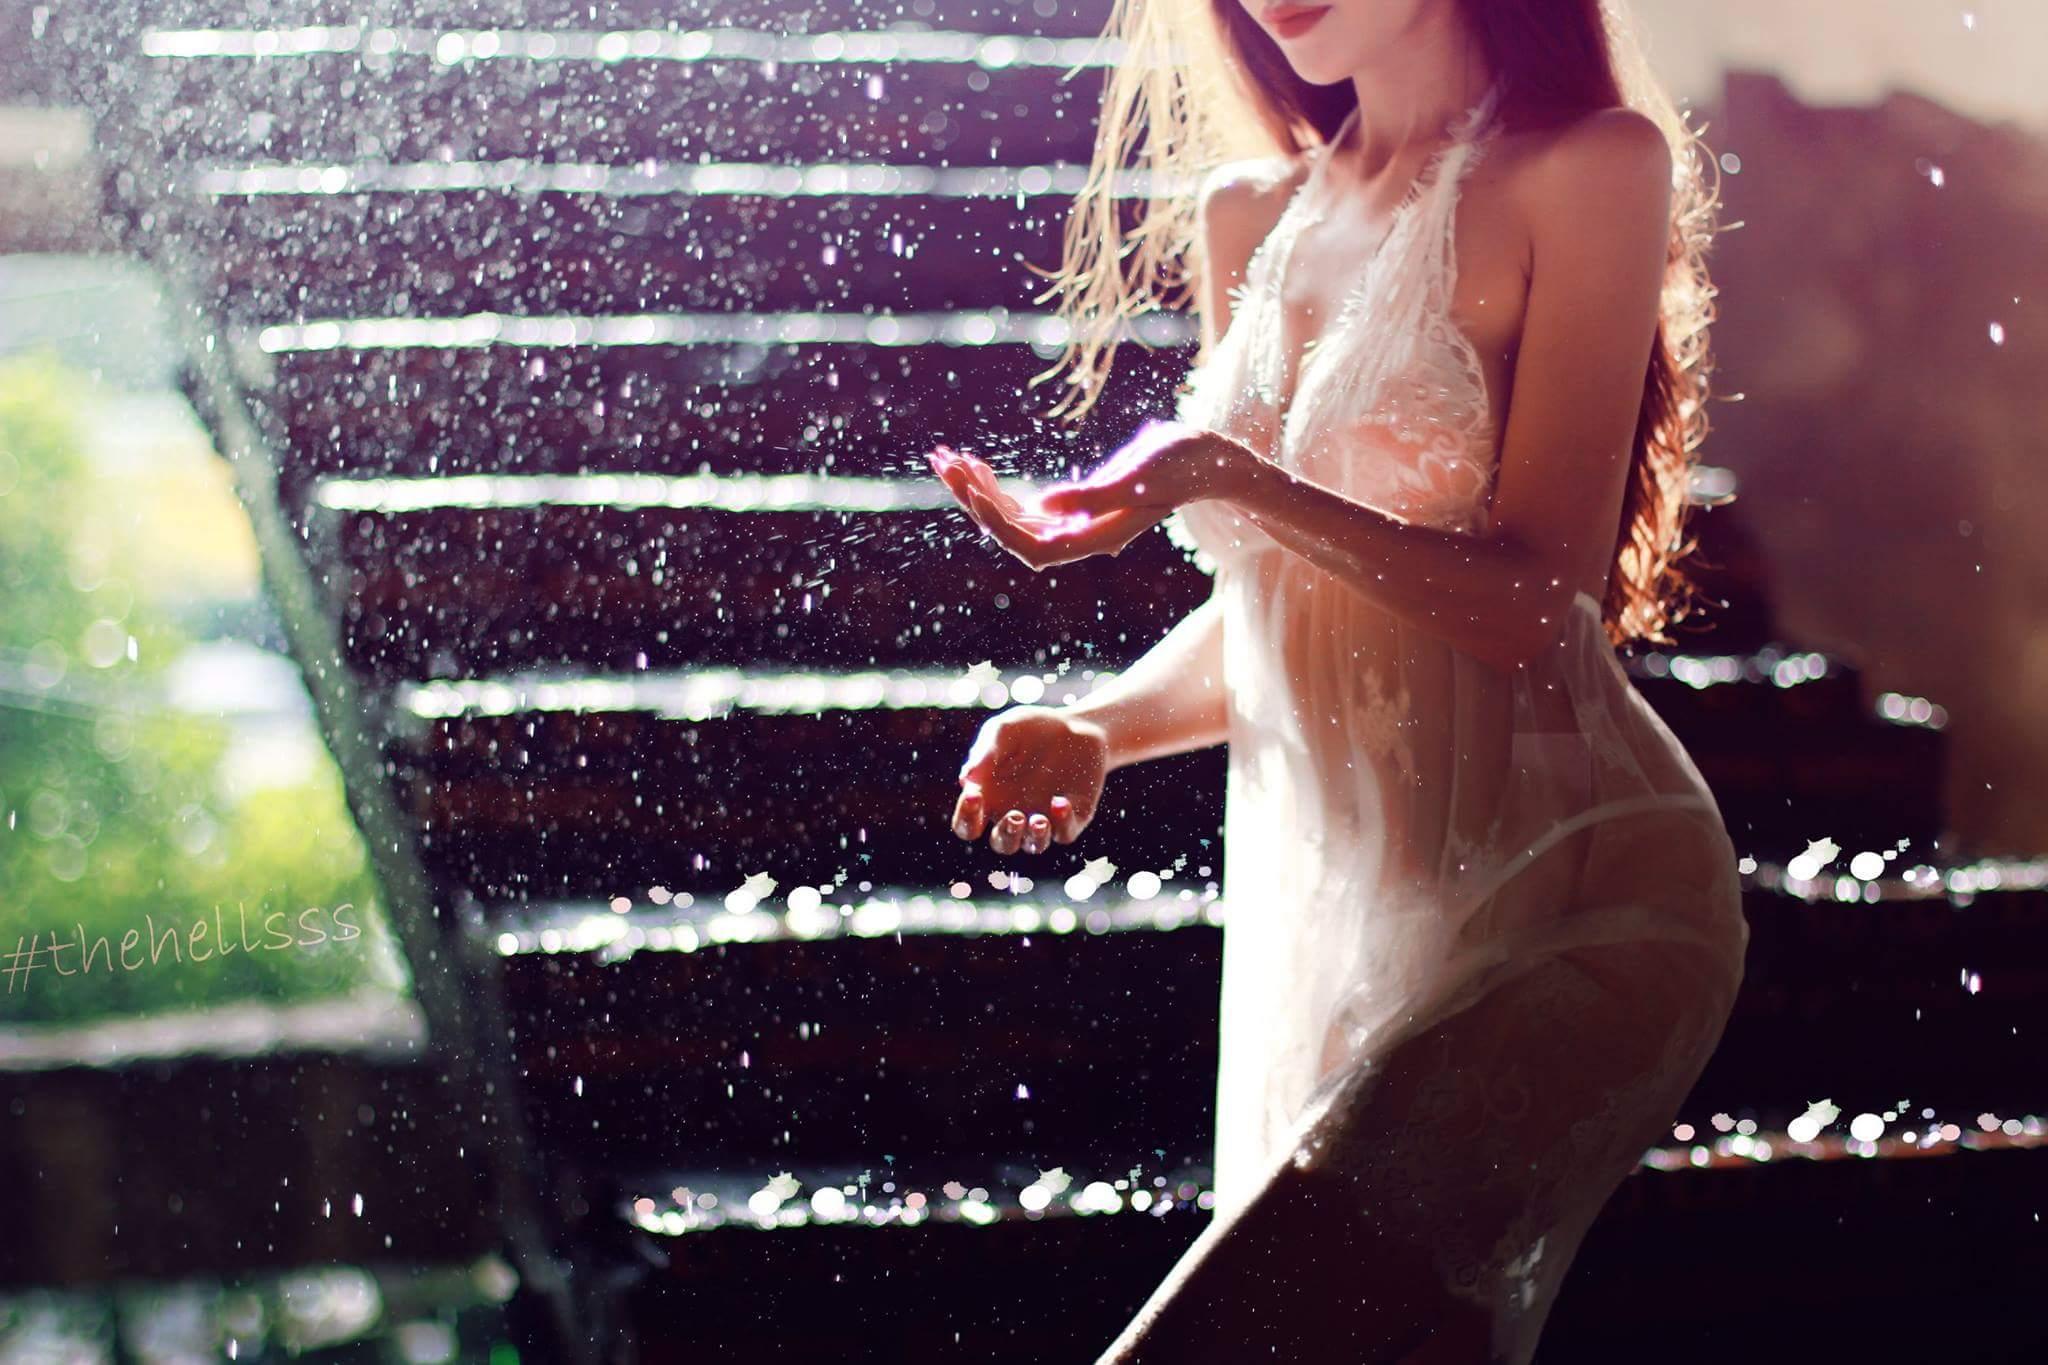 Nguyễn Hoàng Trinh vẻ đẹp của người con gái sexy photo The Hell